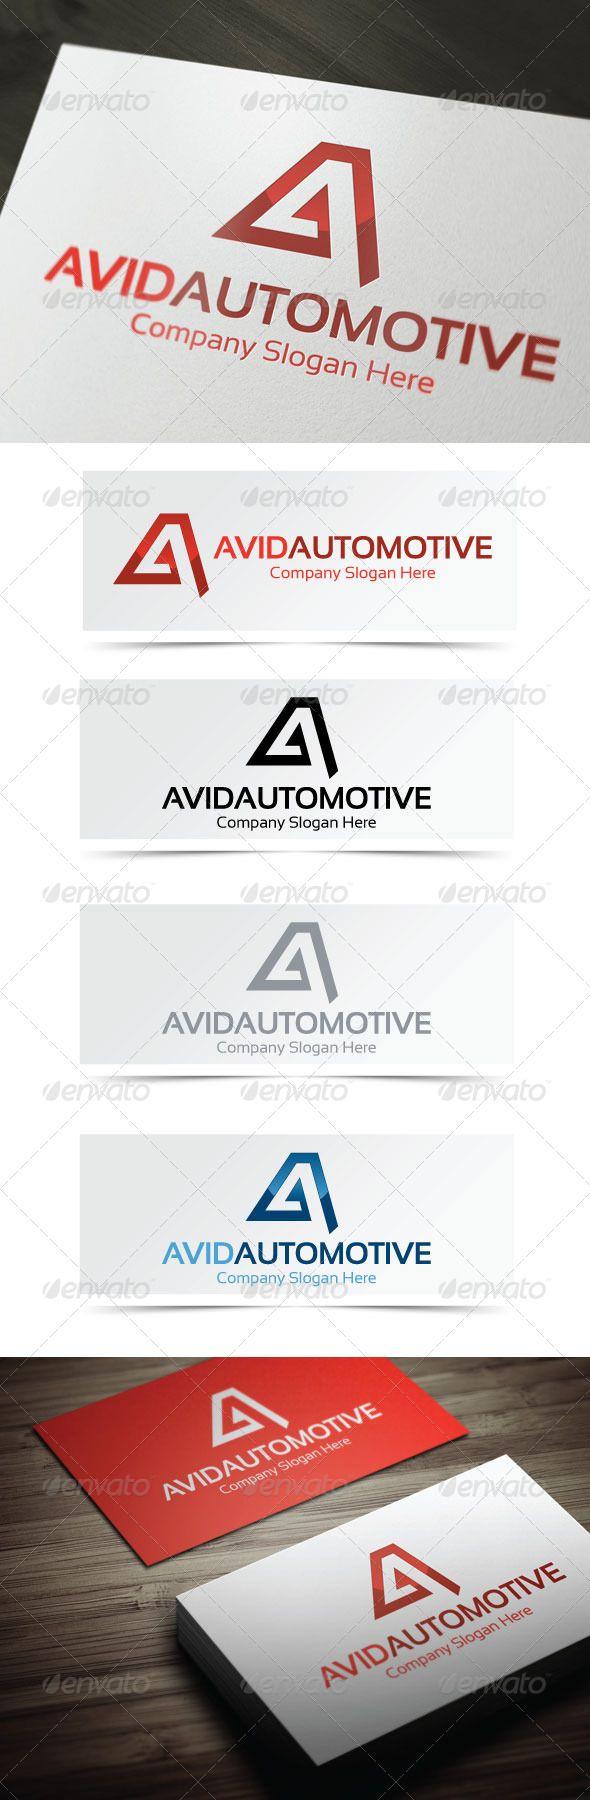 Avid Automotive Medical LogoLetter LogoLogo TemplatesStar